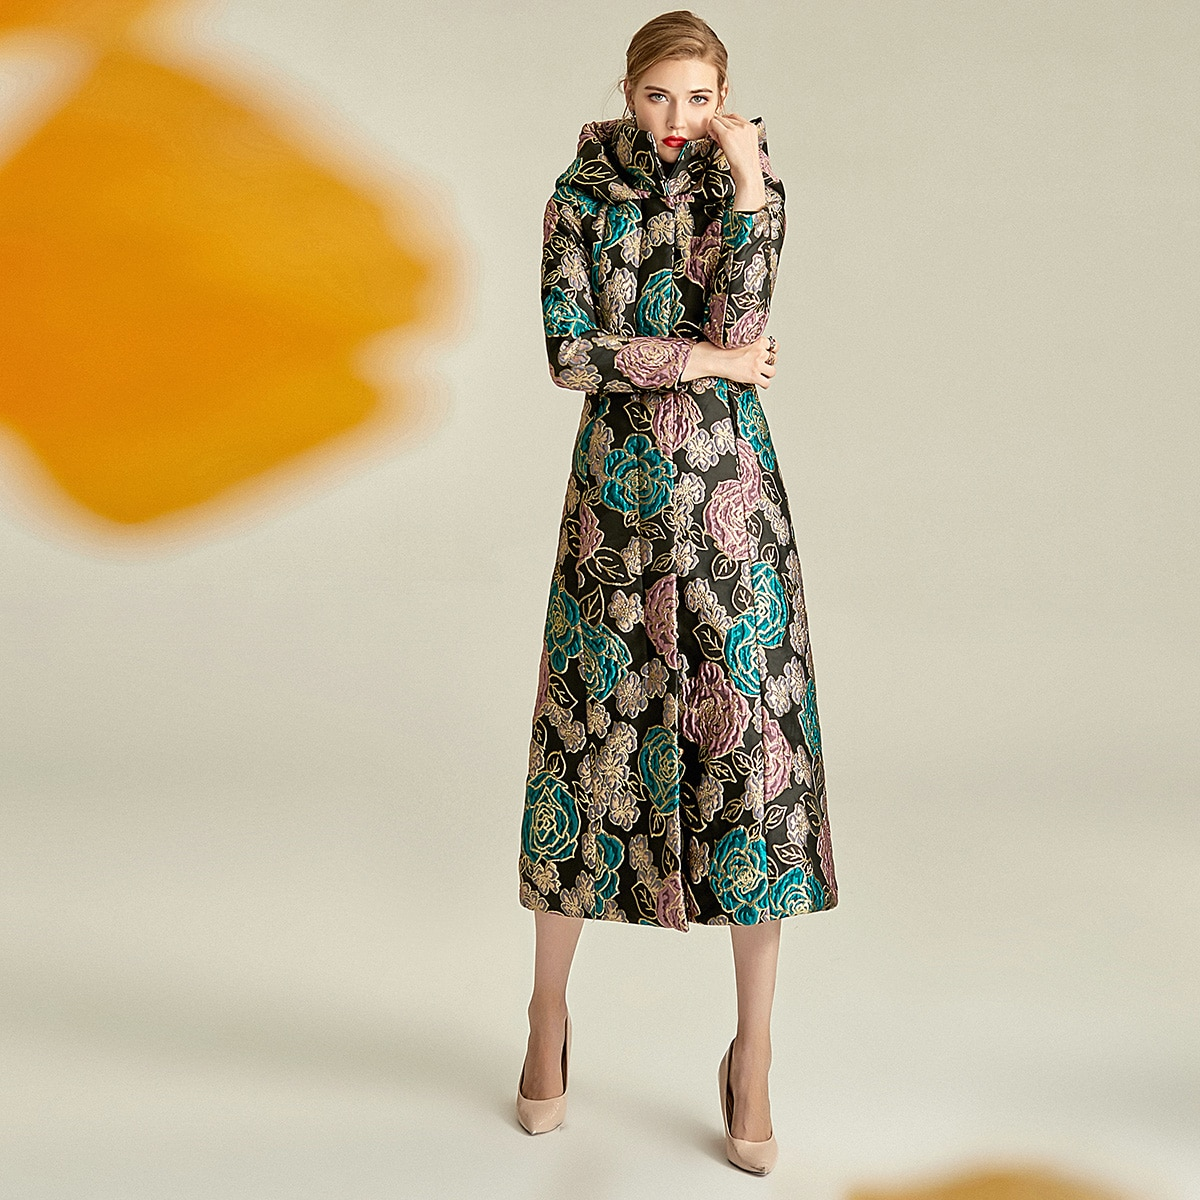 Новинка 2020, женские пальто, зимняя жаккардовая Женская куртка выше колен с воротником-стойкой, толстая хлопковая куртка Sustans, стандартная па...